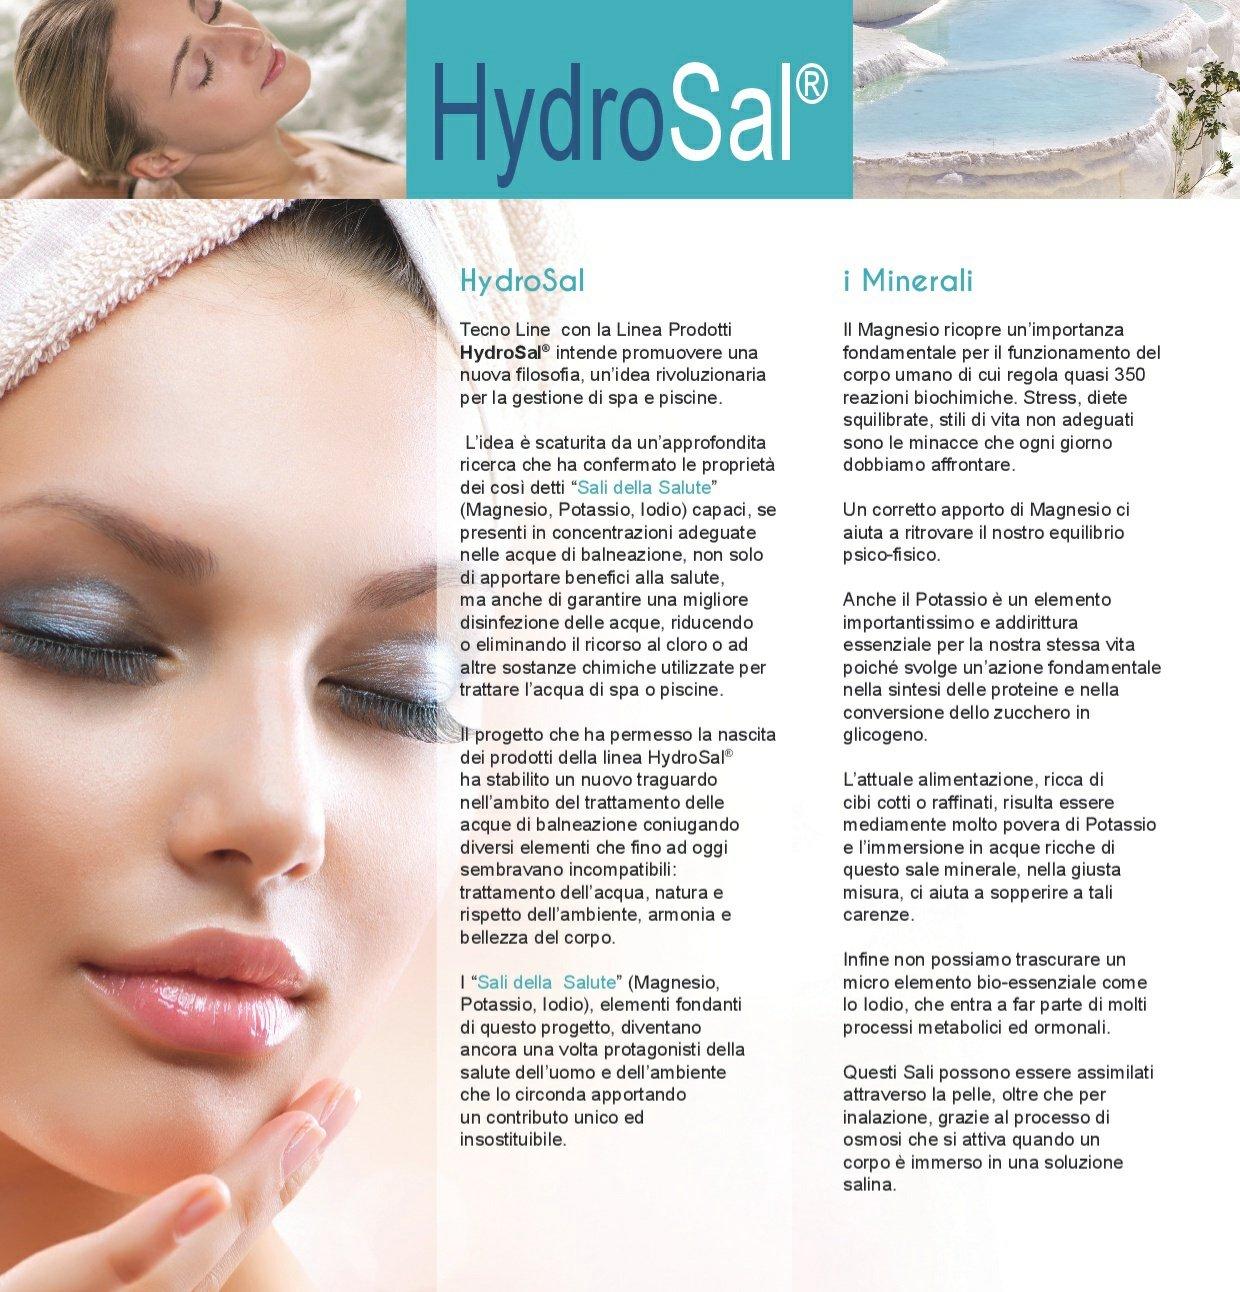 AquaSal es una mezcla de alta concentración de sales de magnesio, potasio y yodo de elevada actividad biológica que se añade al agua de piscinas, ...